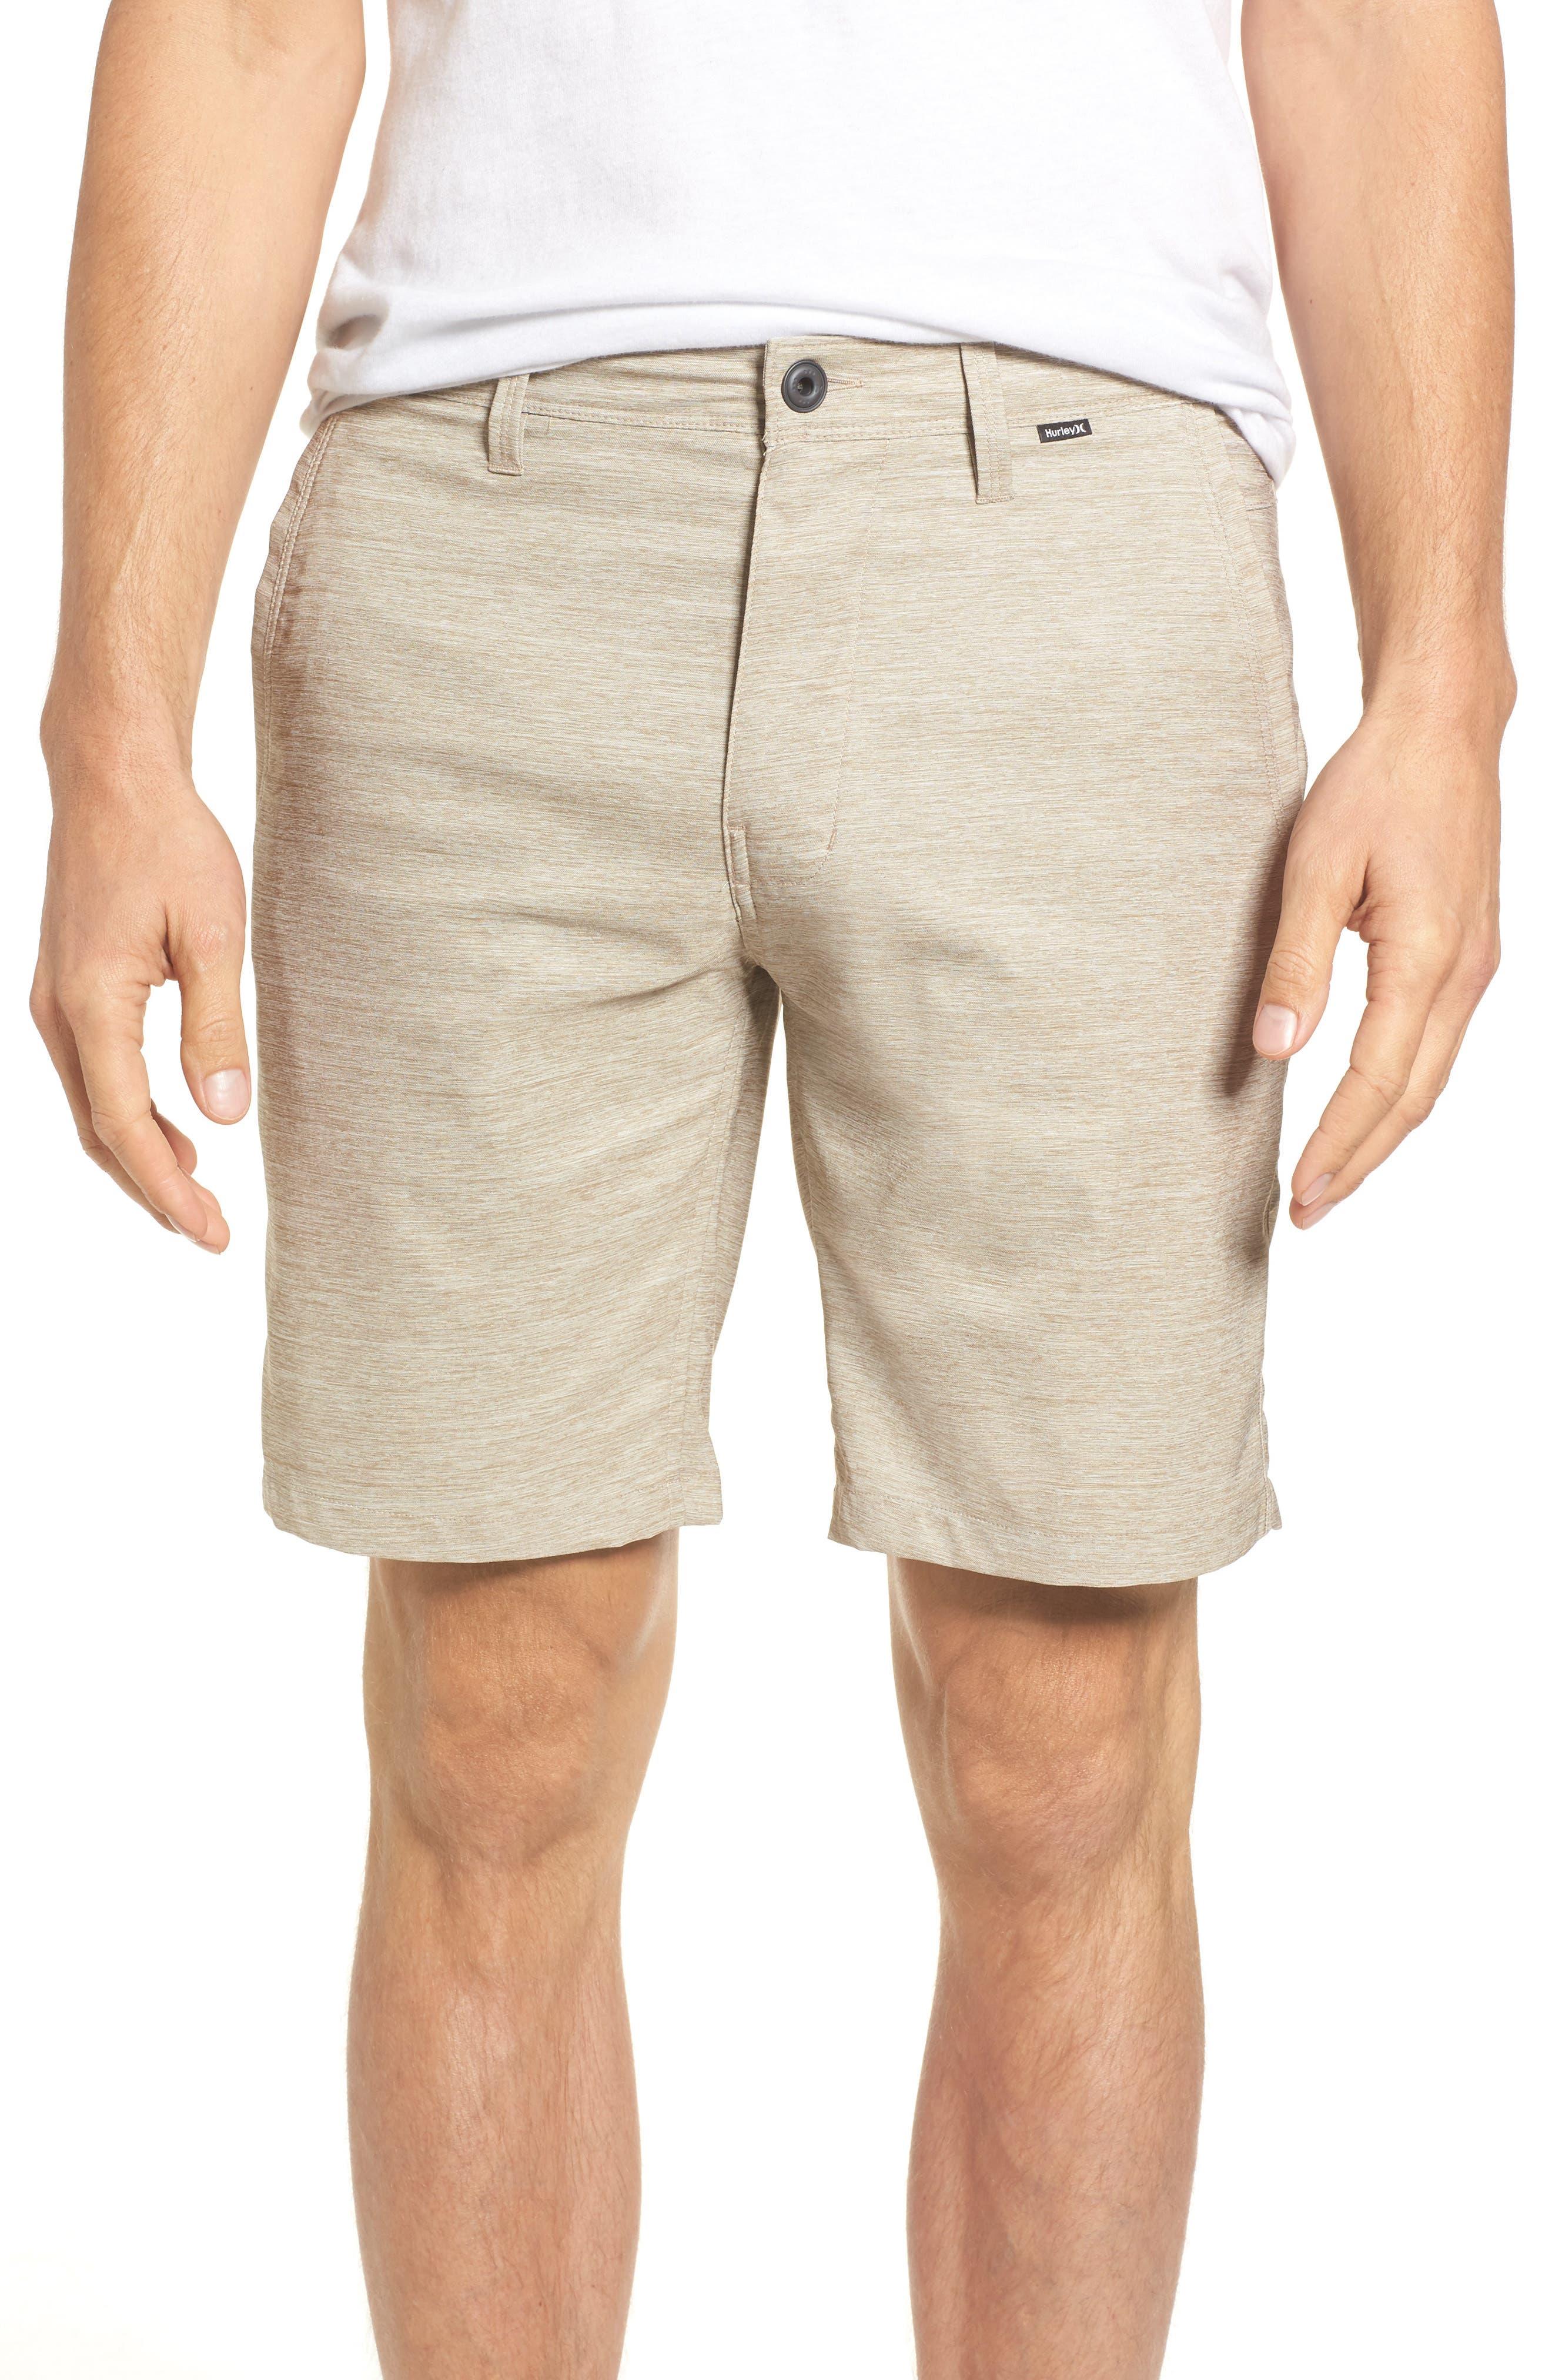 Men's Hurley Dri-Fit Shorts